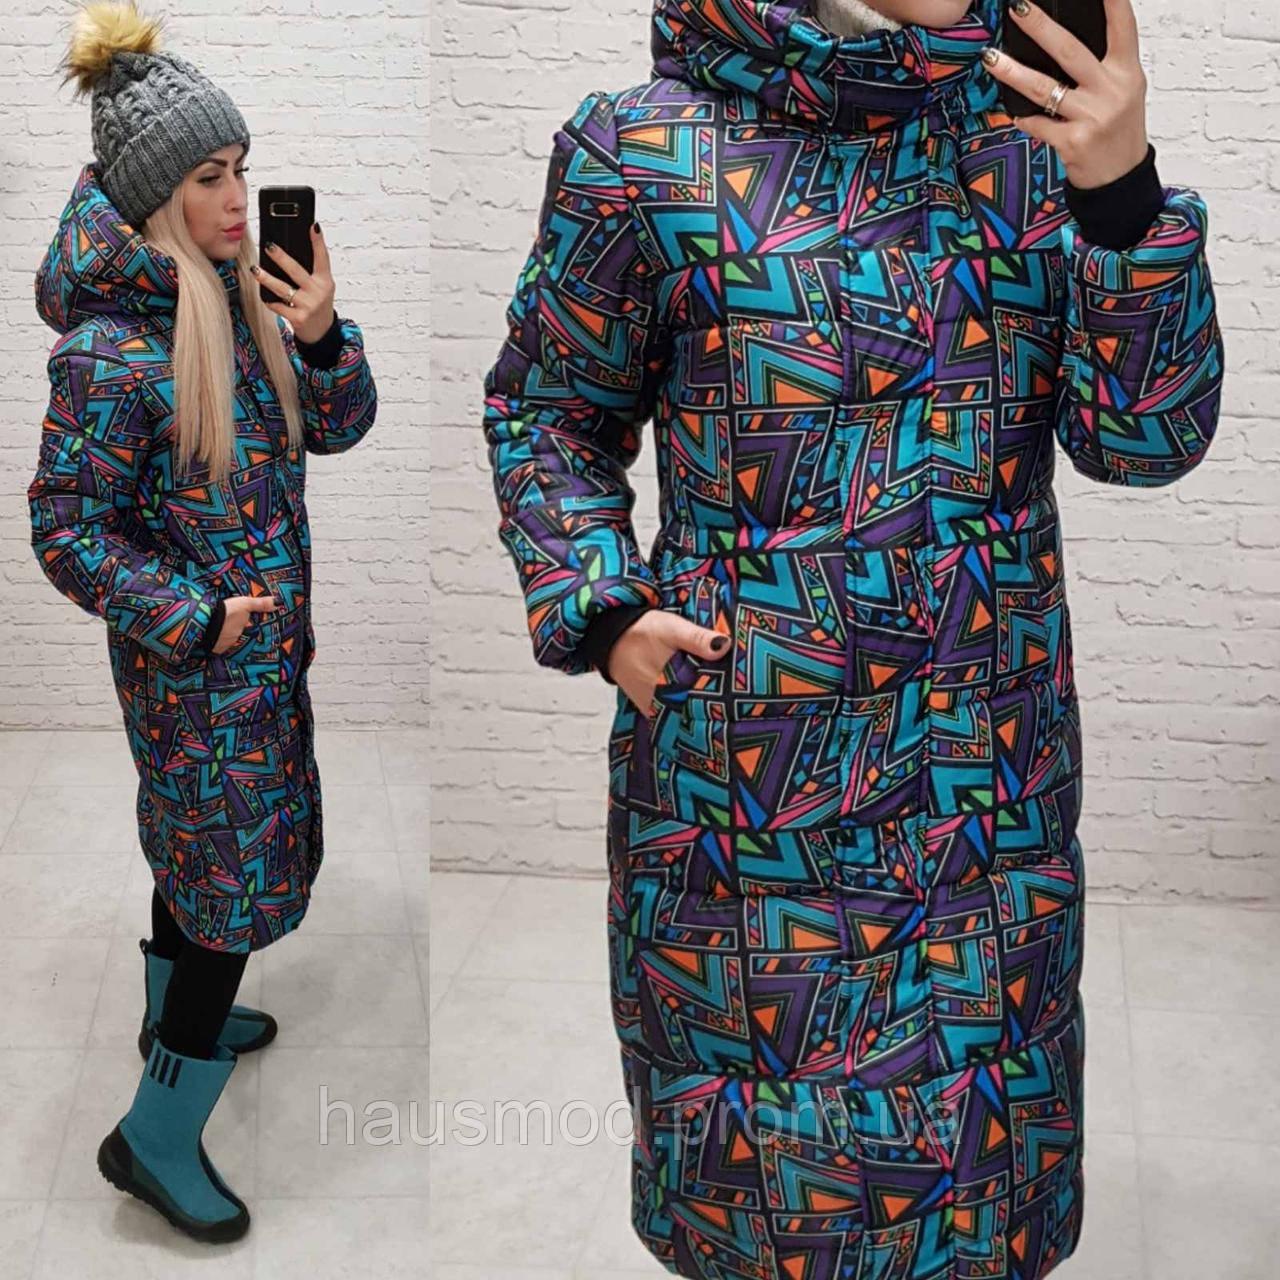 Зимнее женское длинное пальто Авангард черное цветной принт 42 44 46